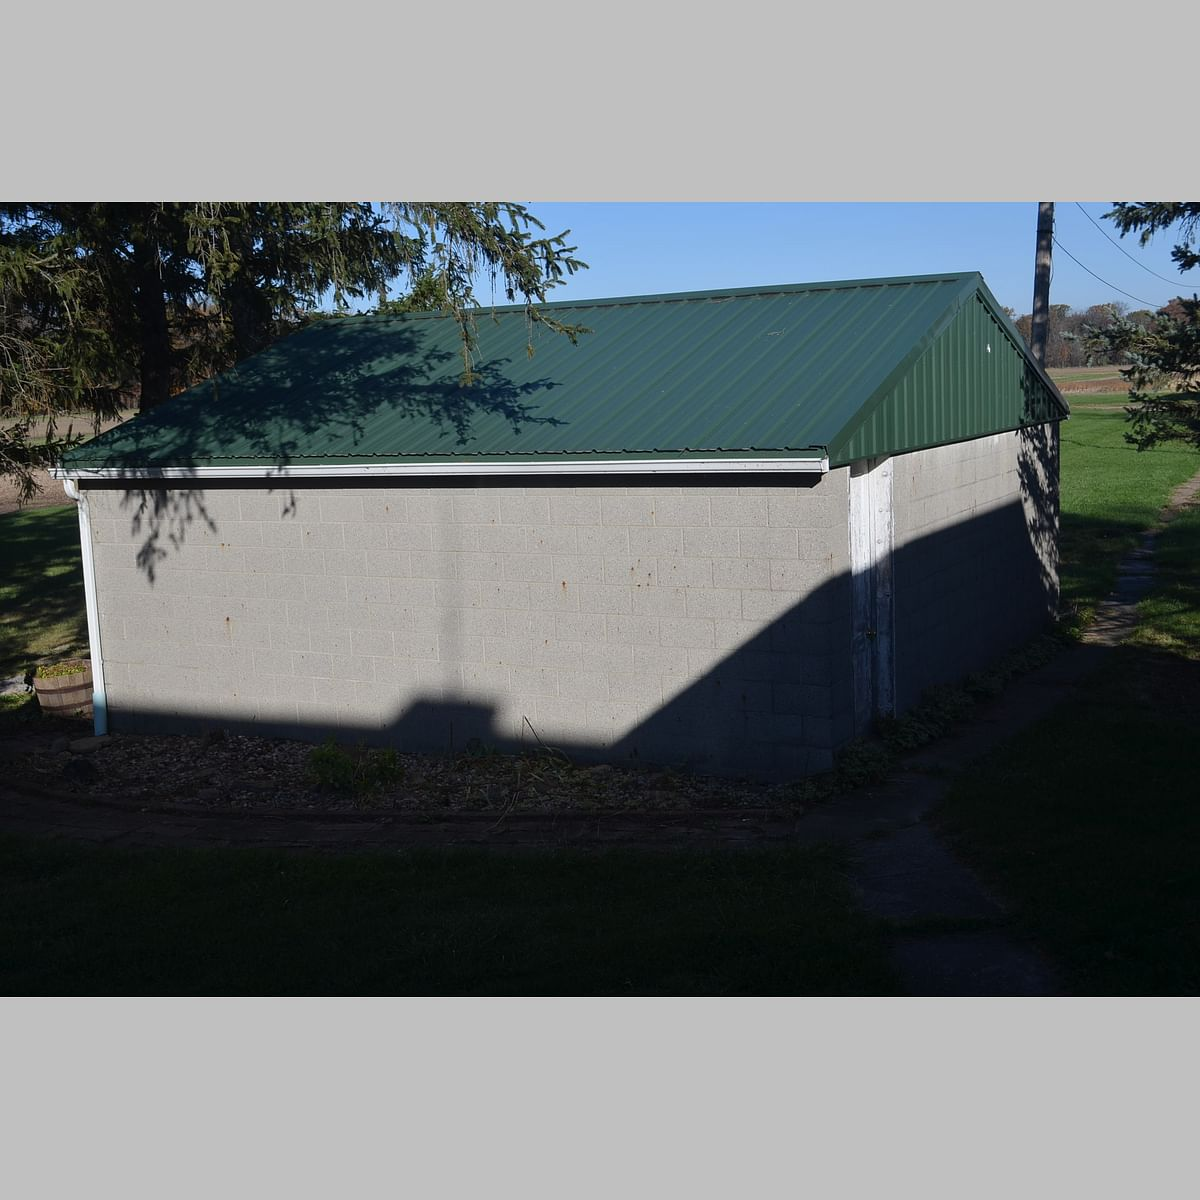 Schrader Real Estate & Auction